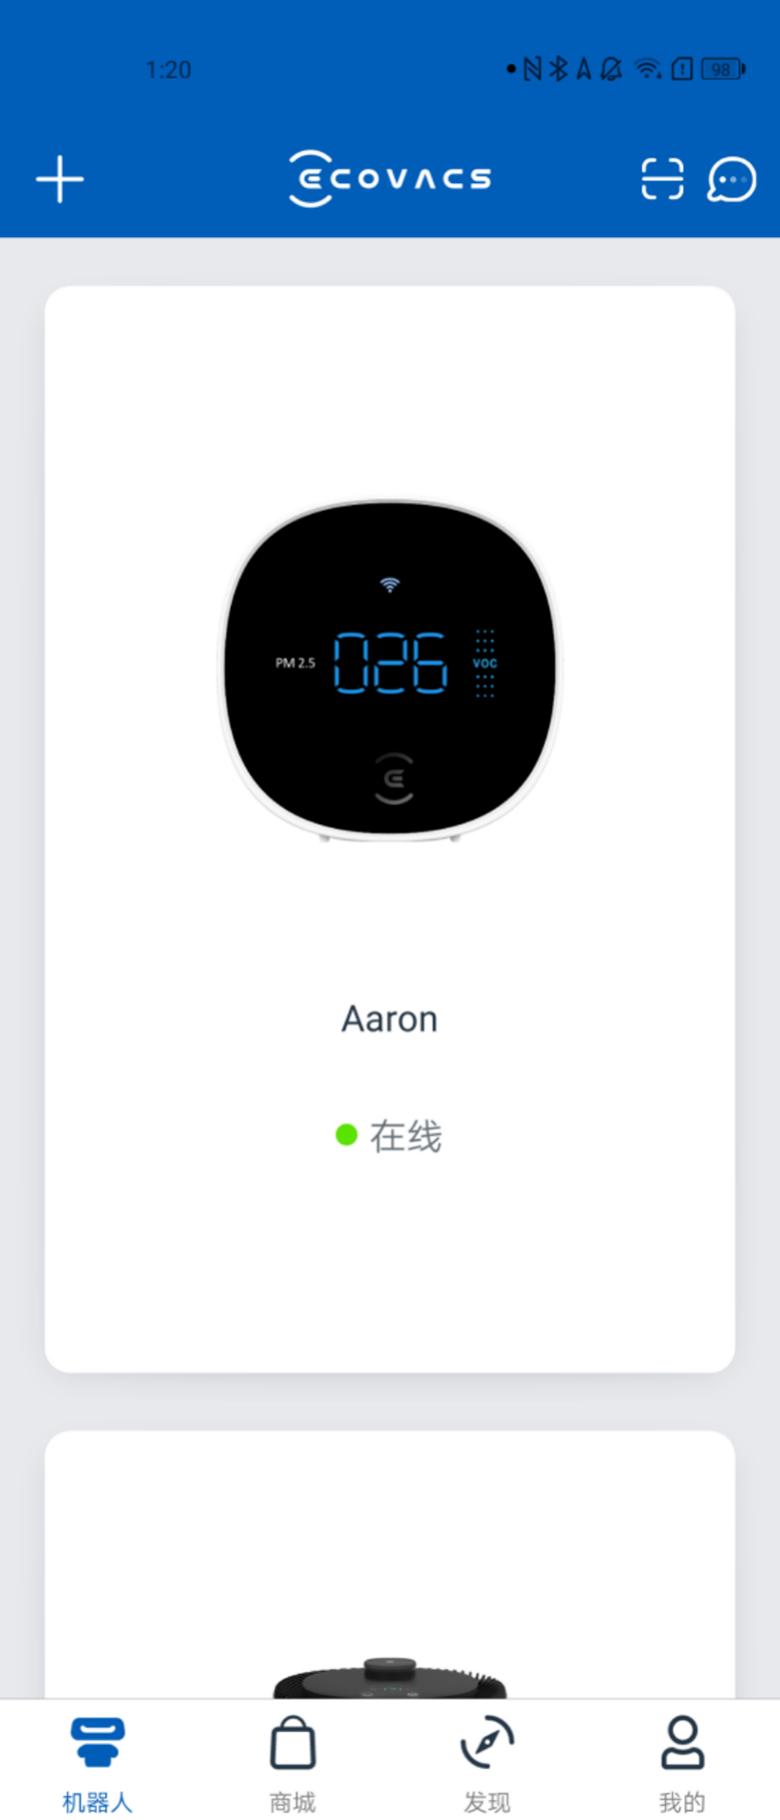 副本科沃斯沁宝 AIRBOT Ava产品测评 Donews_1015(1)(1)1484.png